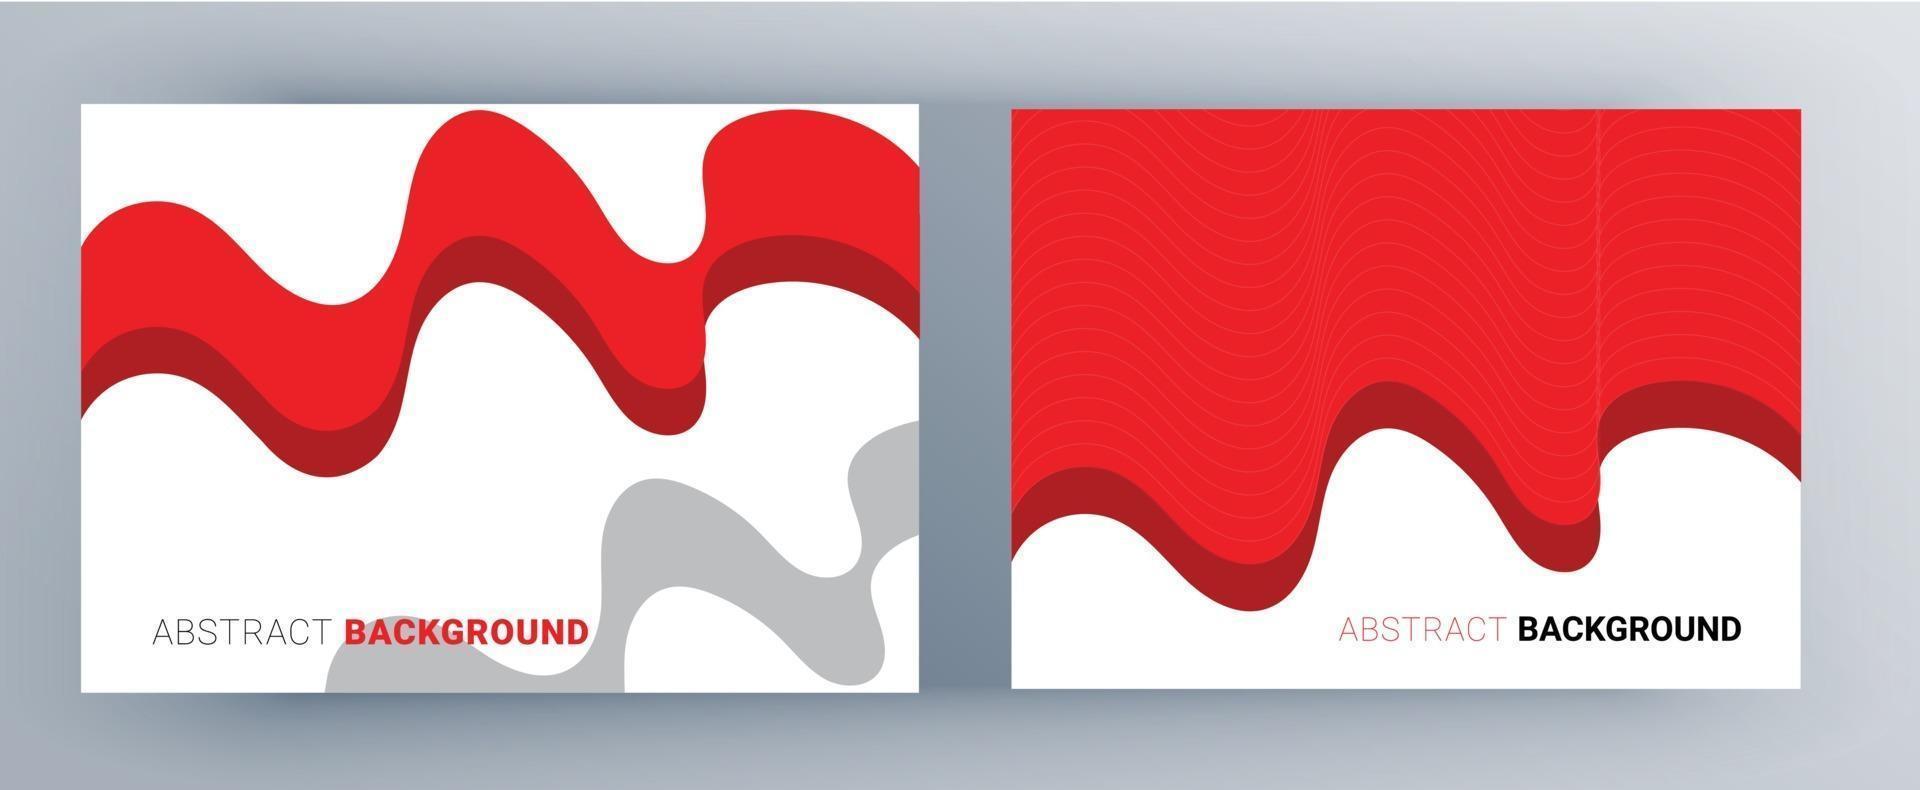 moderner abstrakter Hintergrund für design.red und schwarze Farbe für Flyer, Banner, Buchumschläge vektor